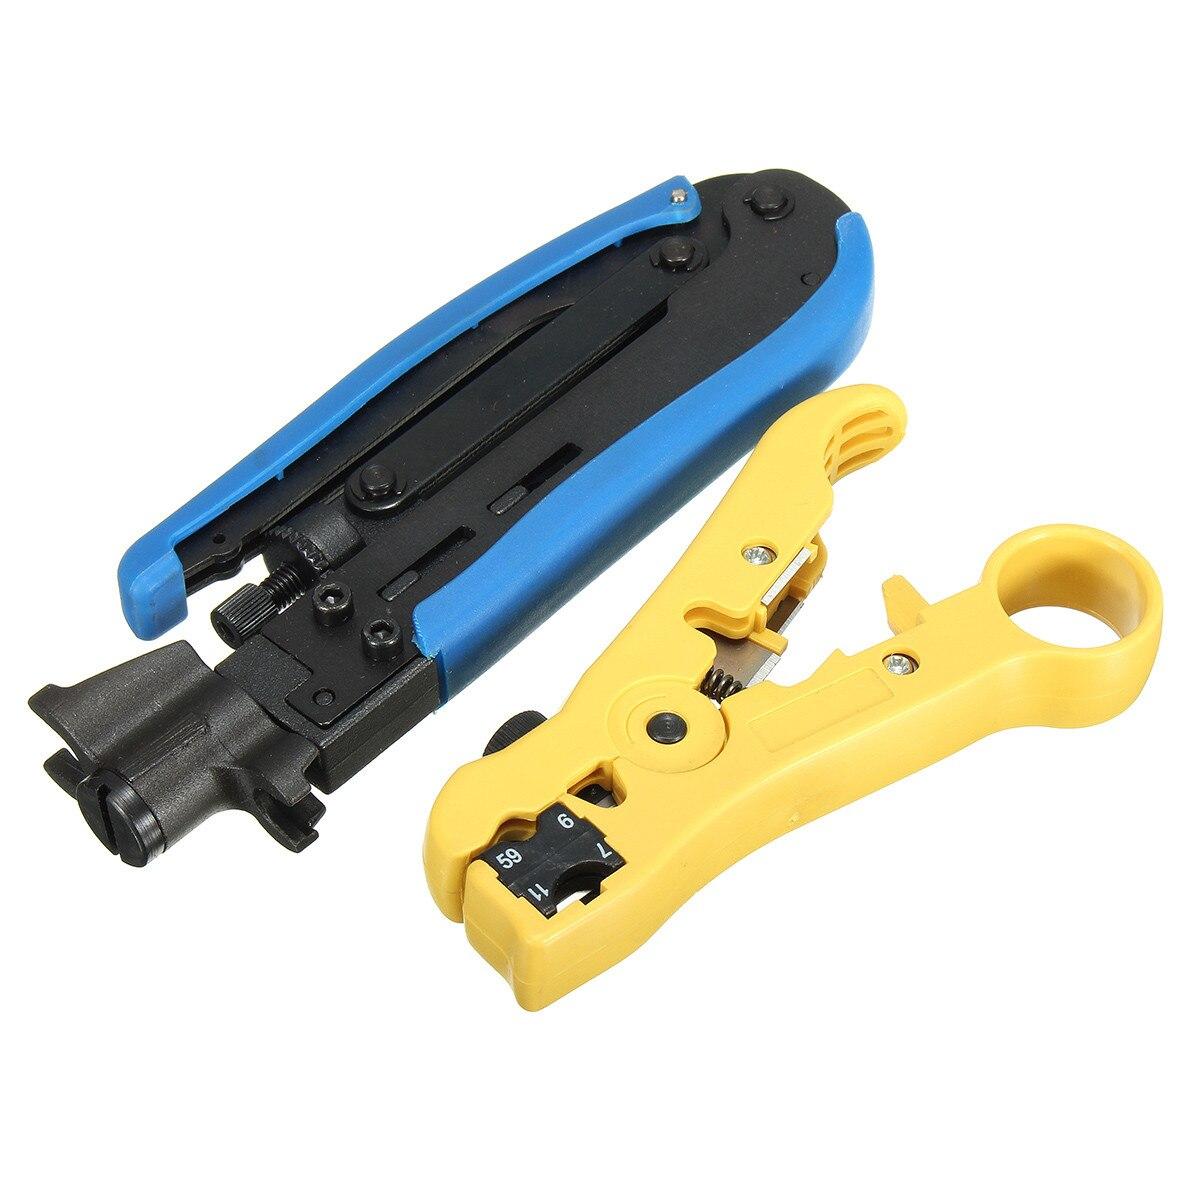 TOOGOO New Multi Compression Coaxial Cable Crimping Tool F Rg6 Rg58 Rg59 Connectors Coax Crimper Coaxial Cable Stripper